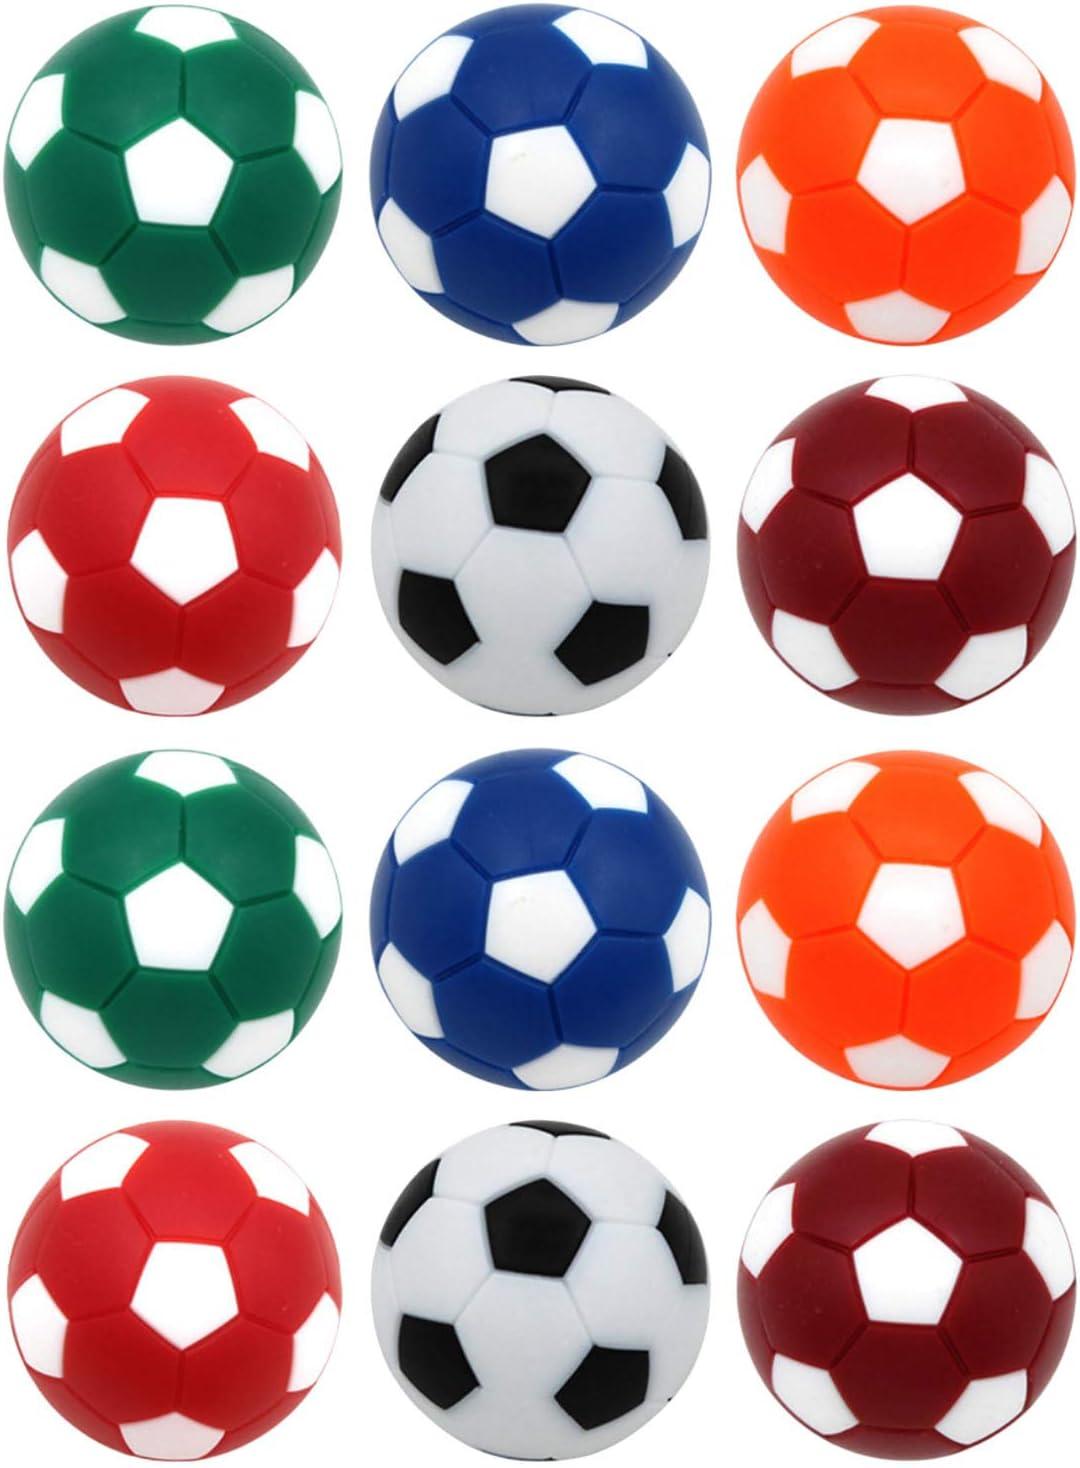 Winthai 12 PCS 32mm Mini Mesa de fútbol Bola de Cambio de Bolas de futbolín en 6 fútbol Bola de fútbol Juego de fútbol reemplazo para niños Adultos: Amazon.es: Juguetes y juegos